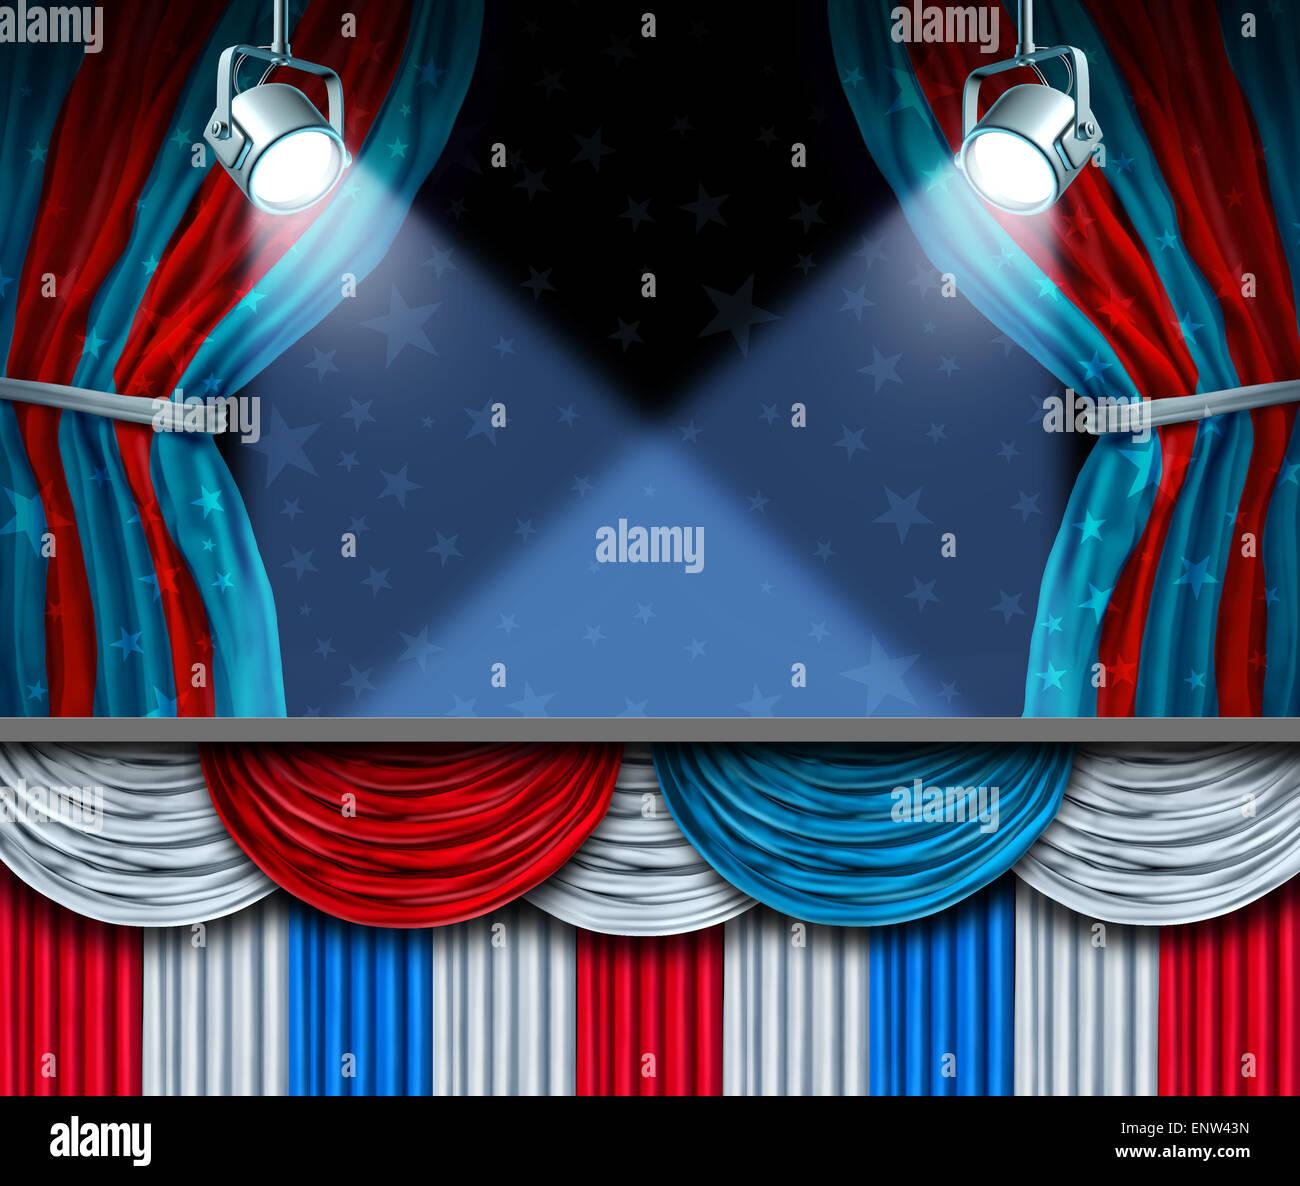 Wahlen Hintergrund oder vierten Juli Gestaltungselement mit Bühne Scheinwerfer und Vorhänge mit Leerzeichen Stockbild